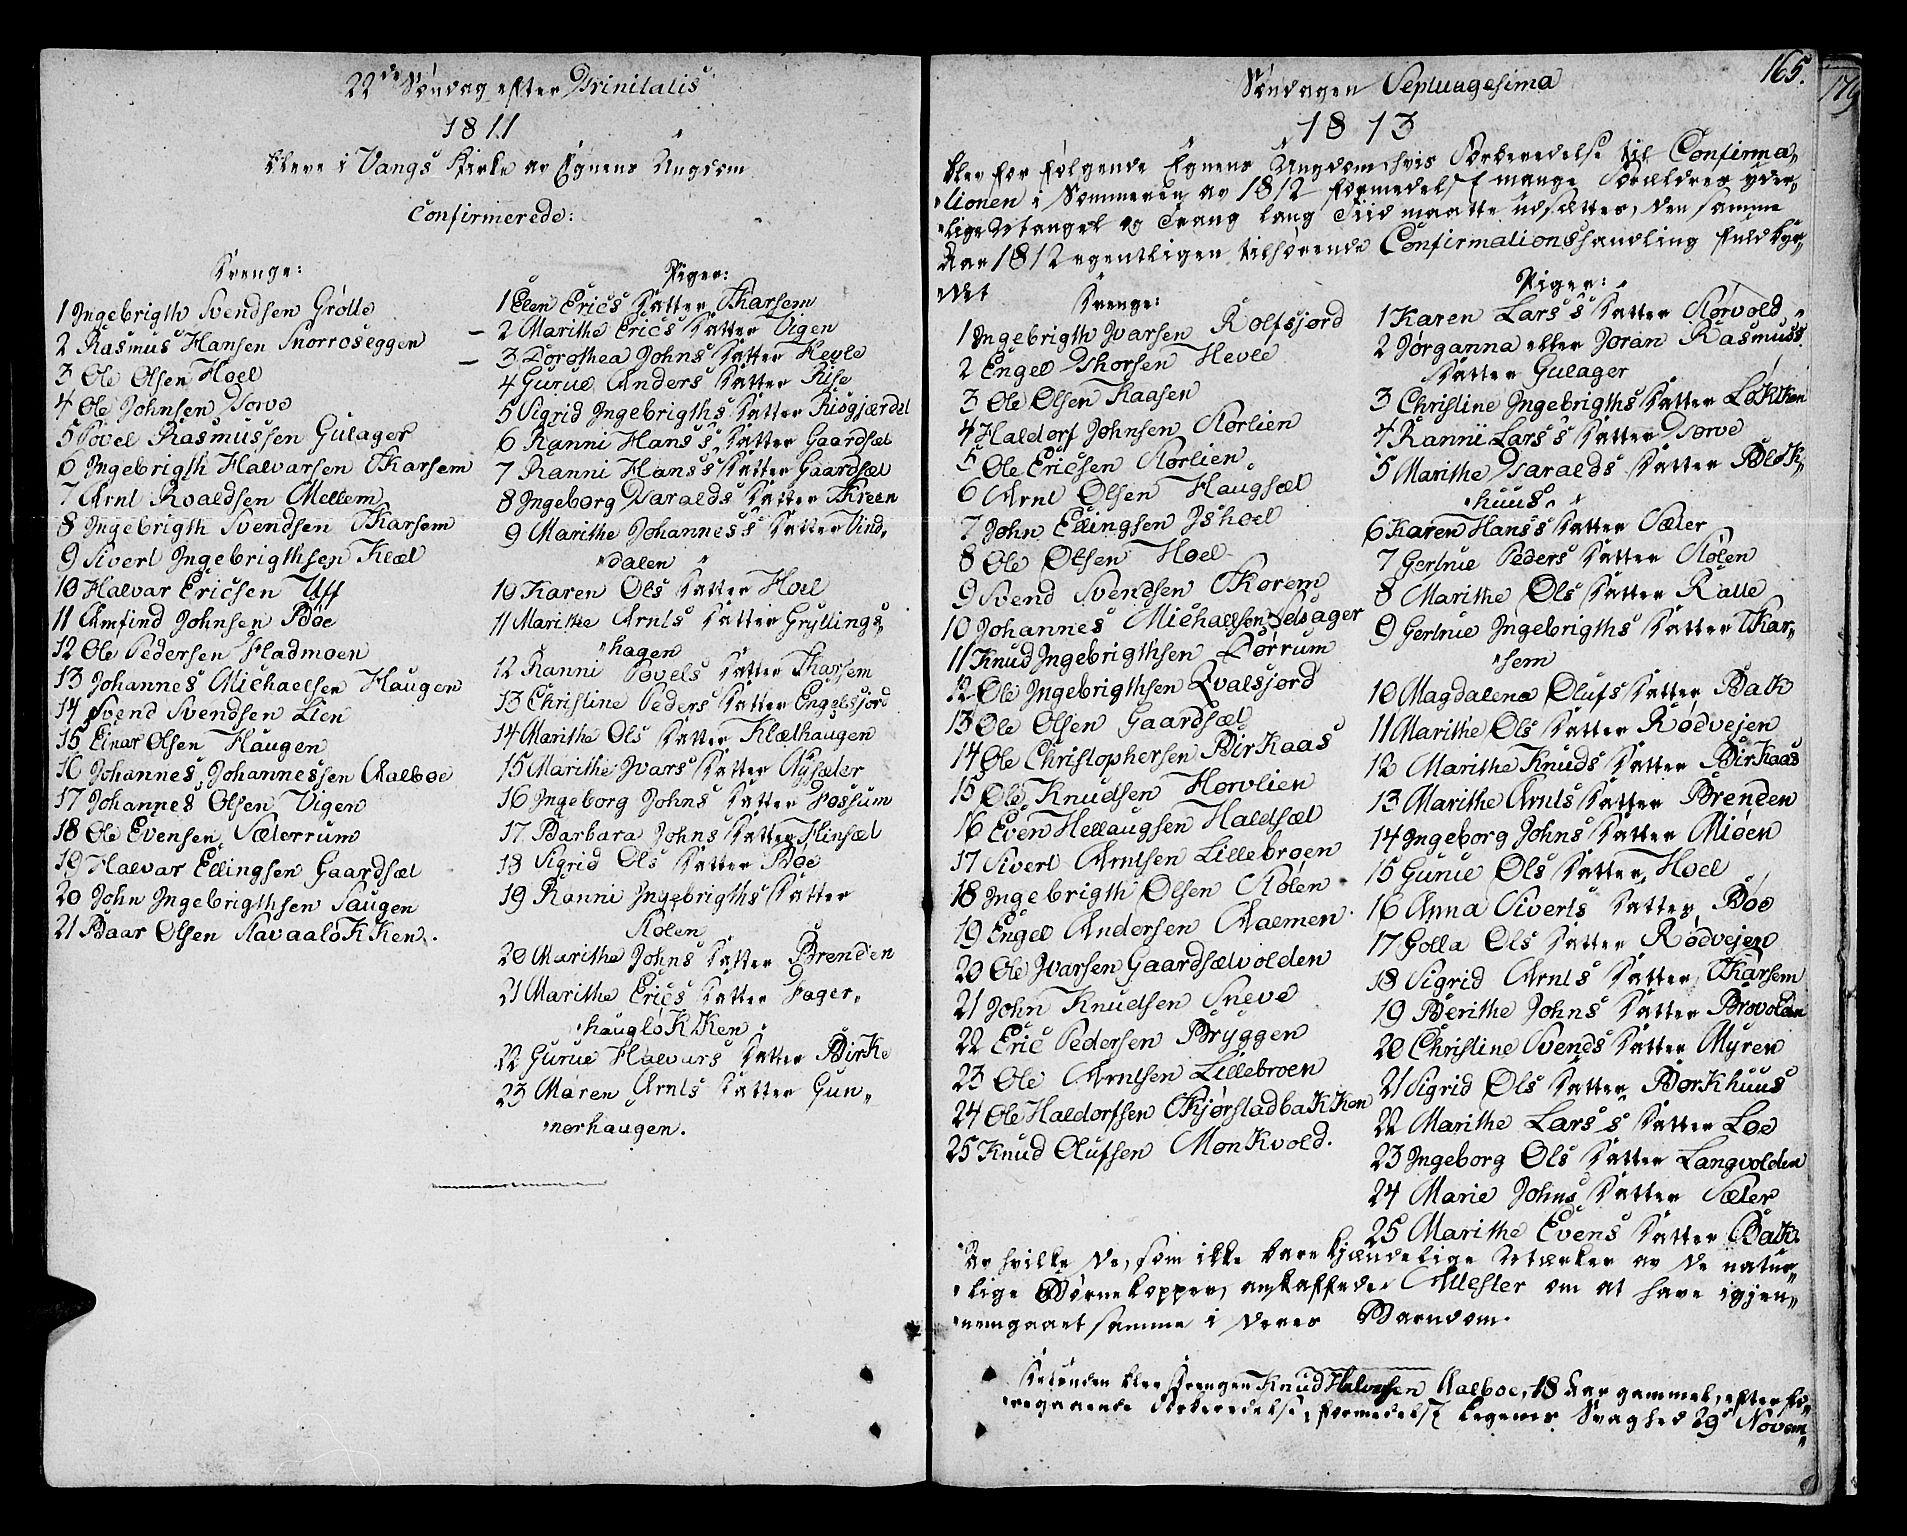 SAT, Ministerialprotokoller, klokkerbøker og fødselsregistre - Sør-Trøndelag, 678/L0894: Ministerialbok nr. 678A04, 1806-1815, s. 165